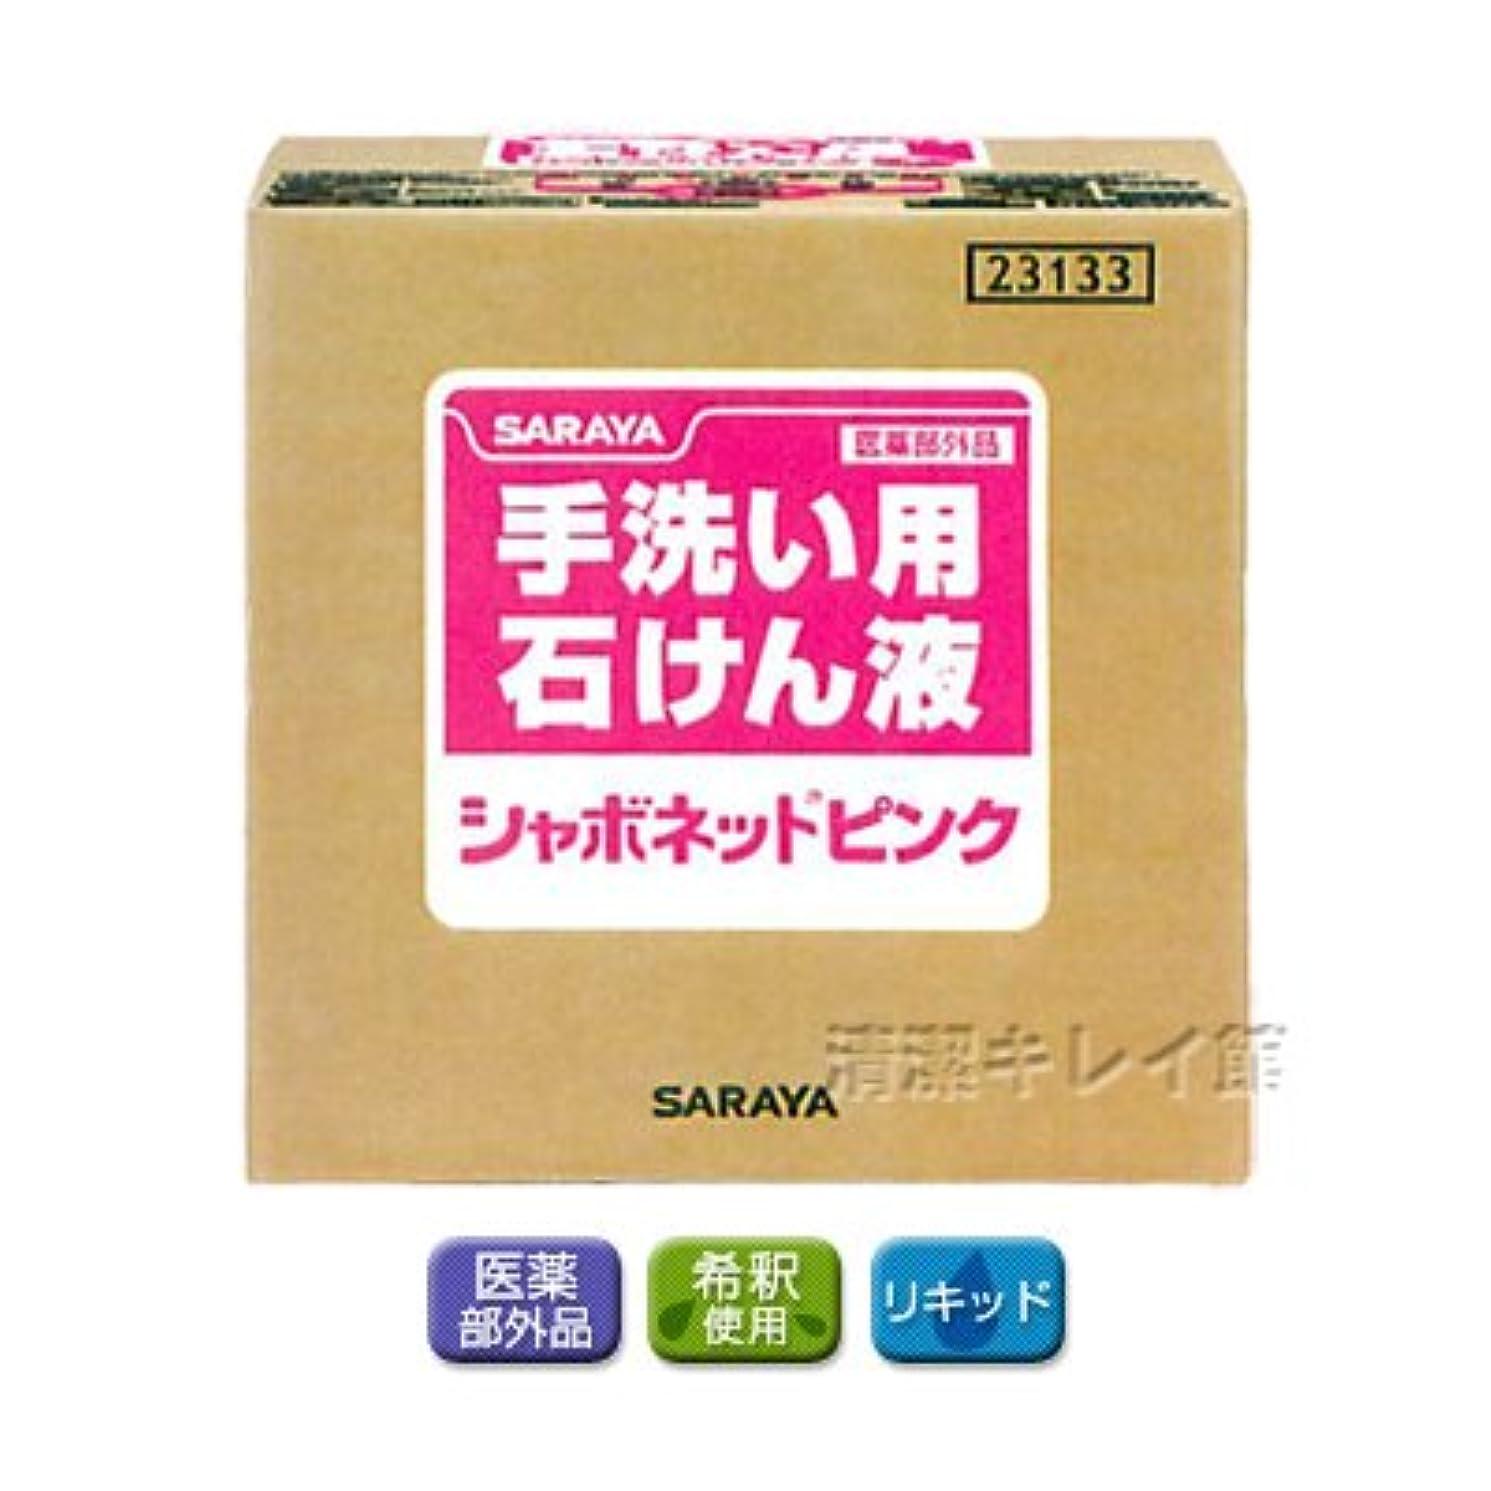 避けられない非行教育【清潔キレイ館】サラヤ シャボネットピンク(20kg)